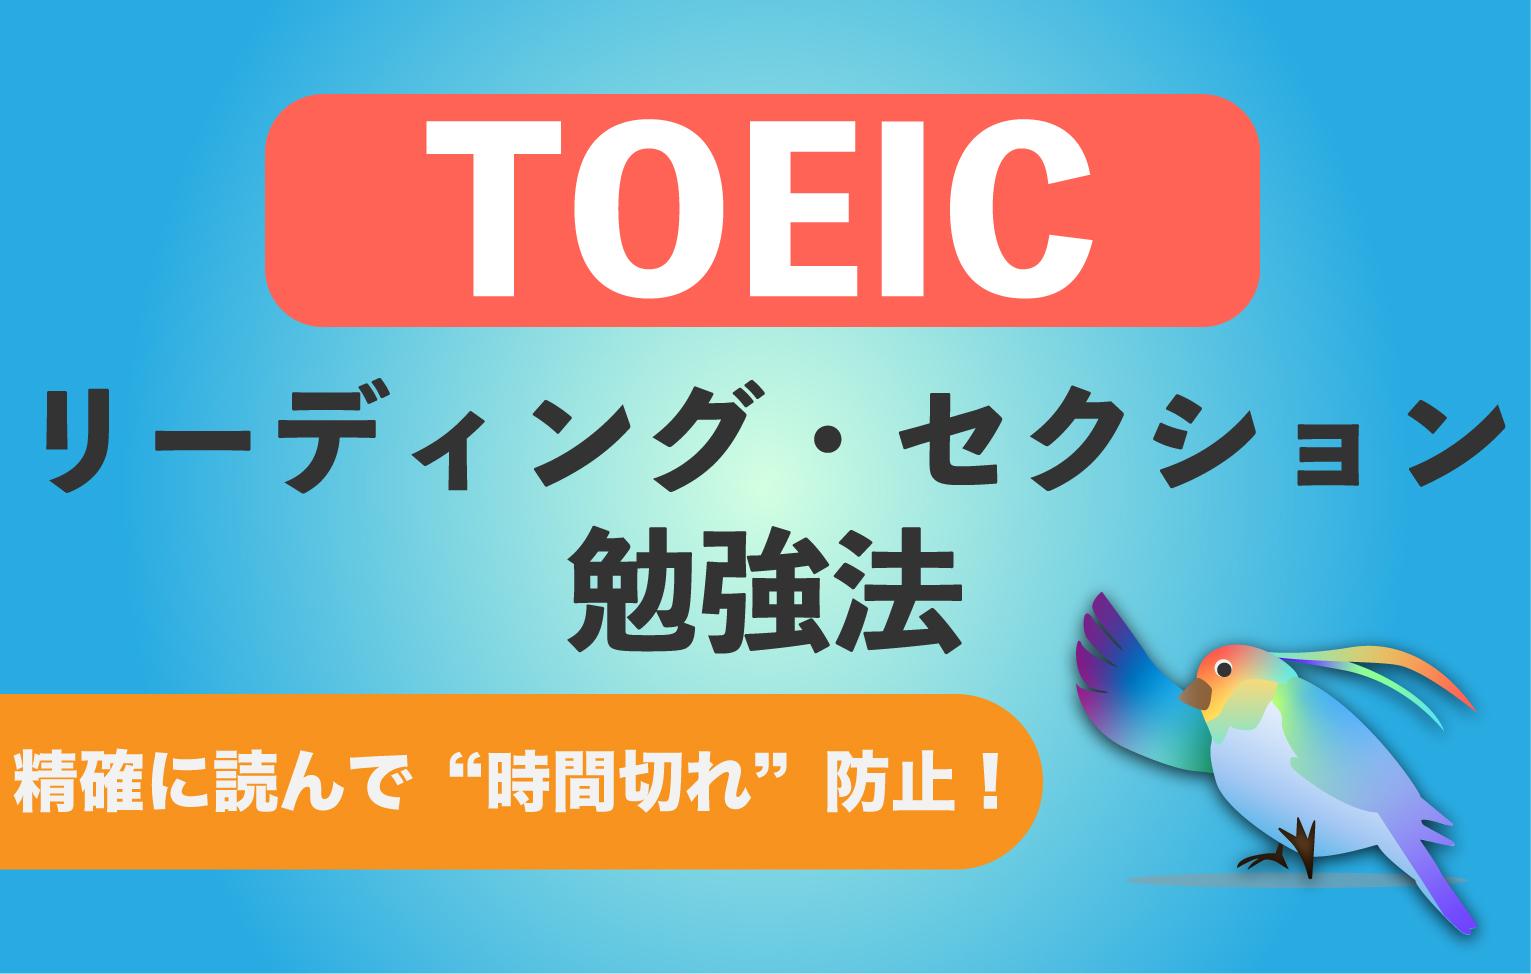 TOEIC リーディングの勉強法【知らないと損する学習方法】